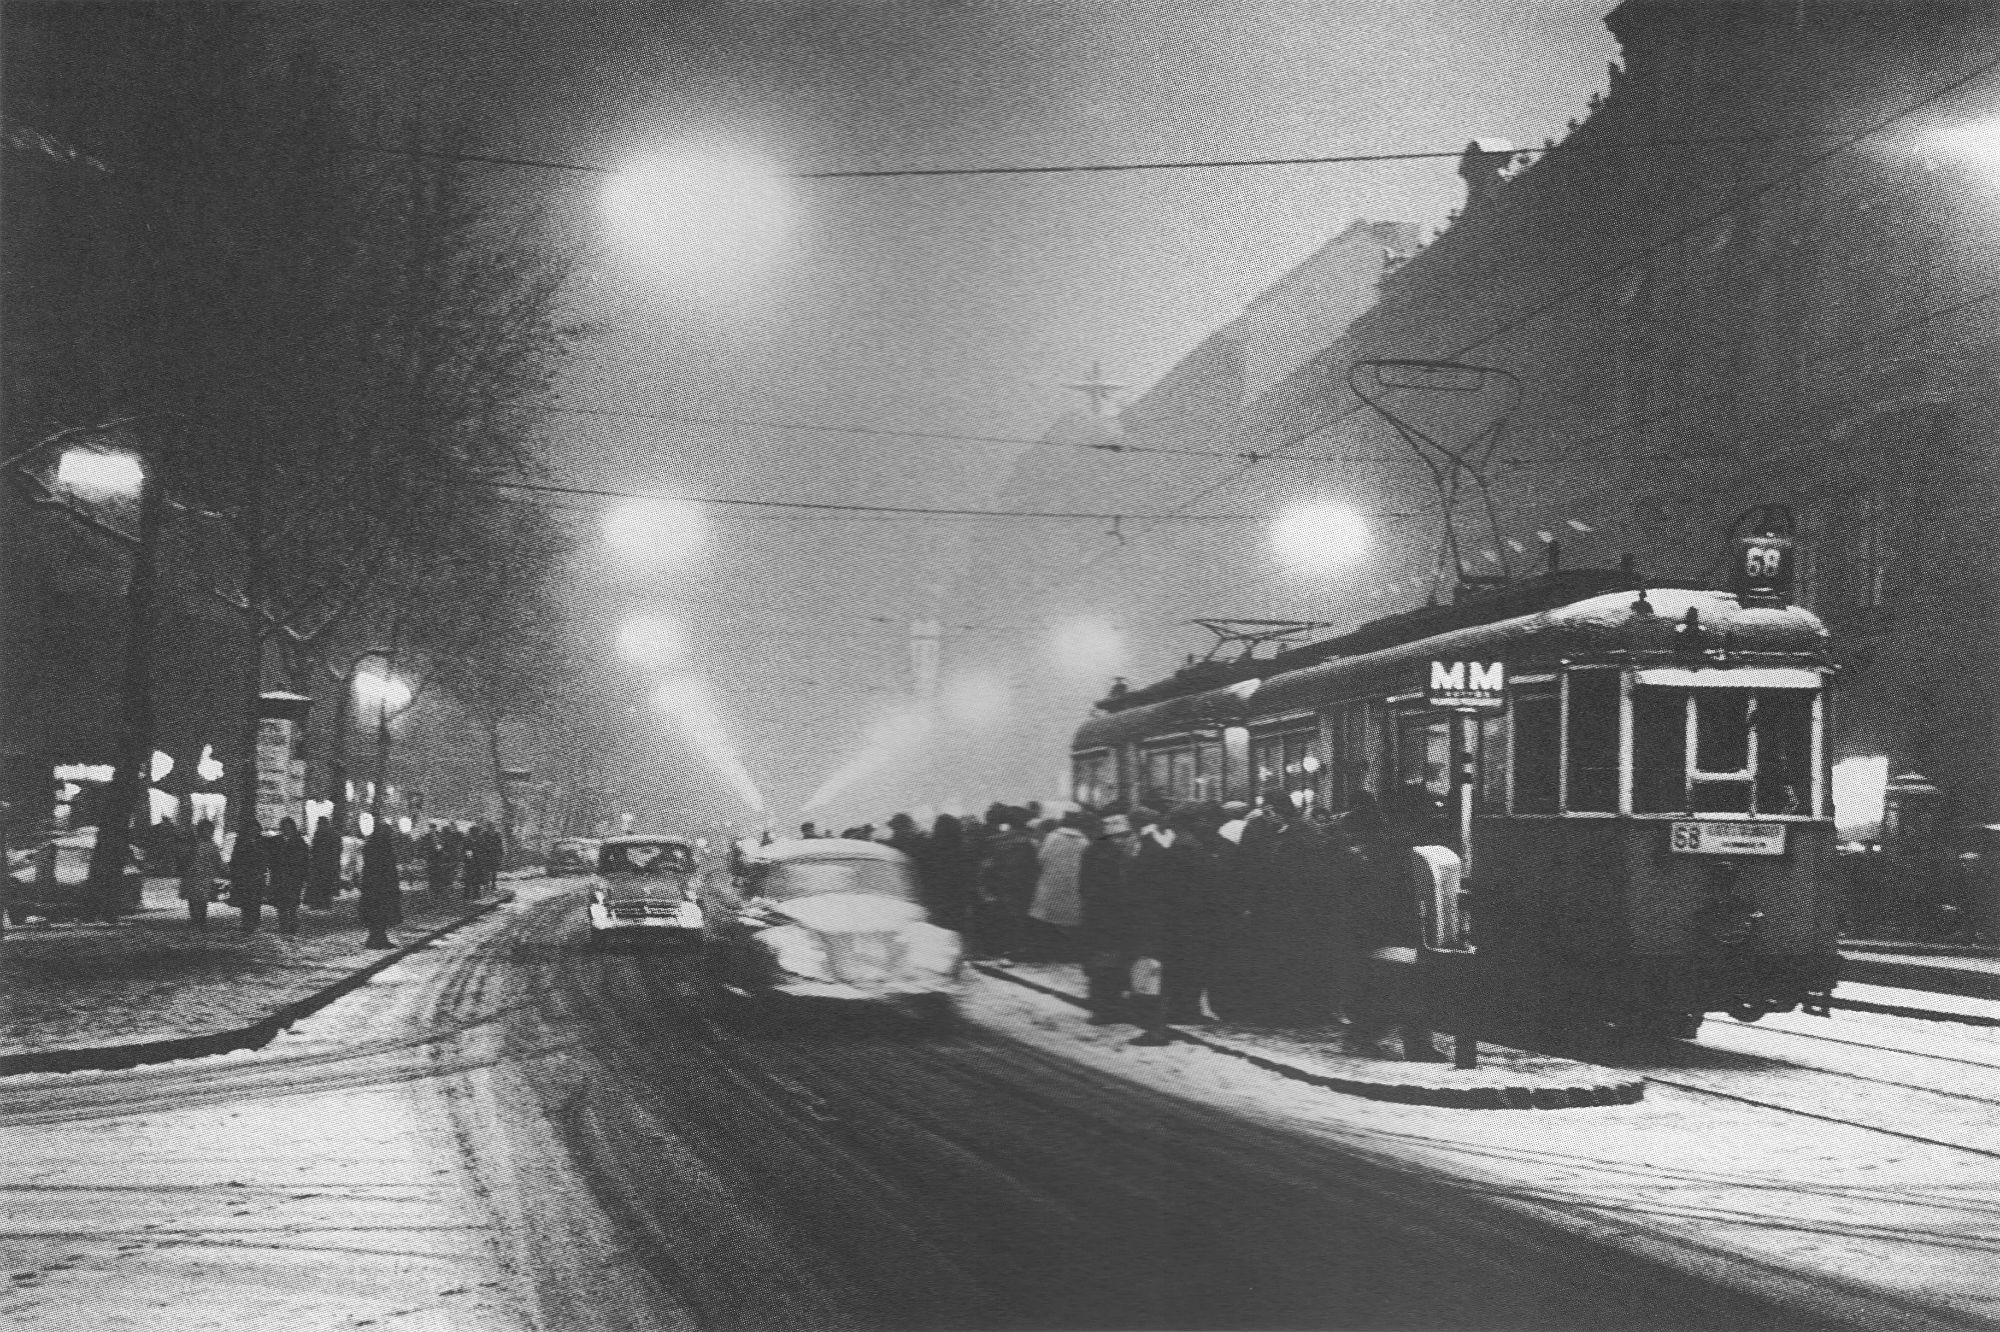 Fotó: Dulovits Jenő: Villamosmegálló a Rákóczi úton egy téli alkonyatban, 1958 körül. © Fejér Zoltán gyűjteménye